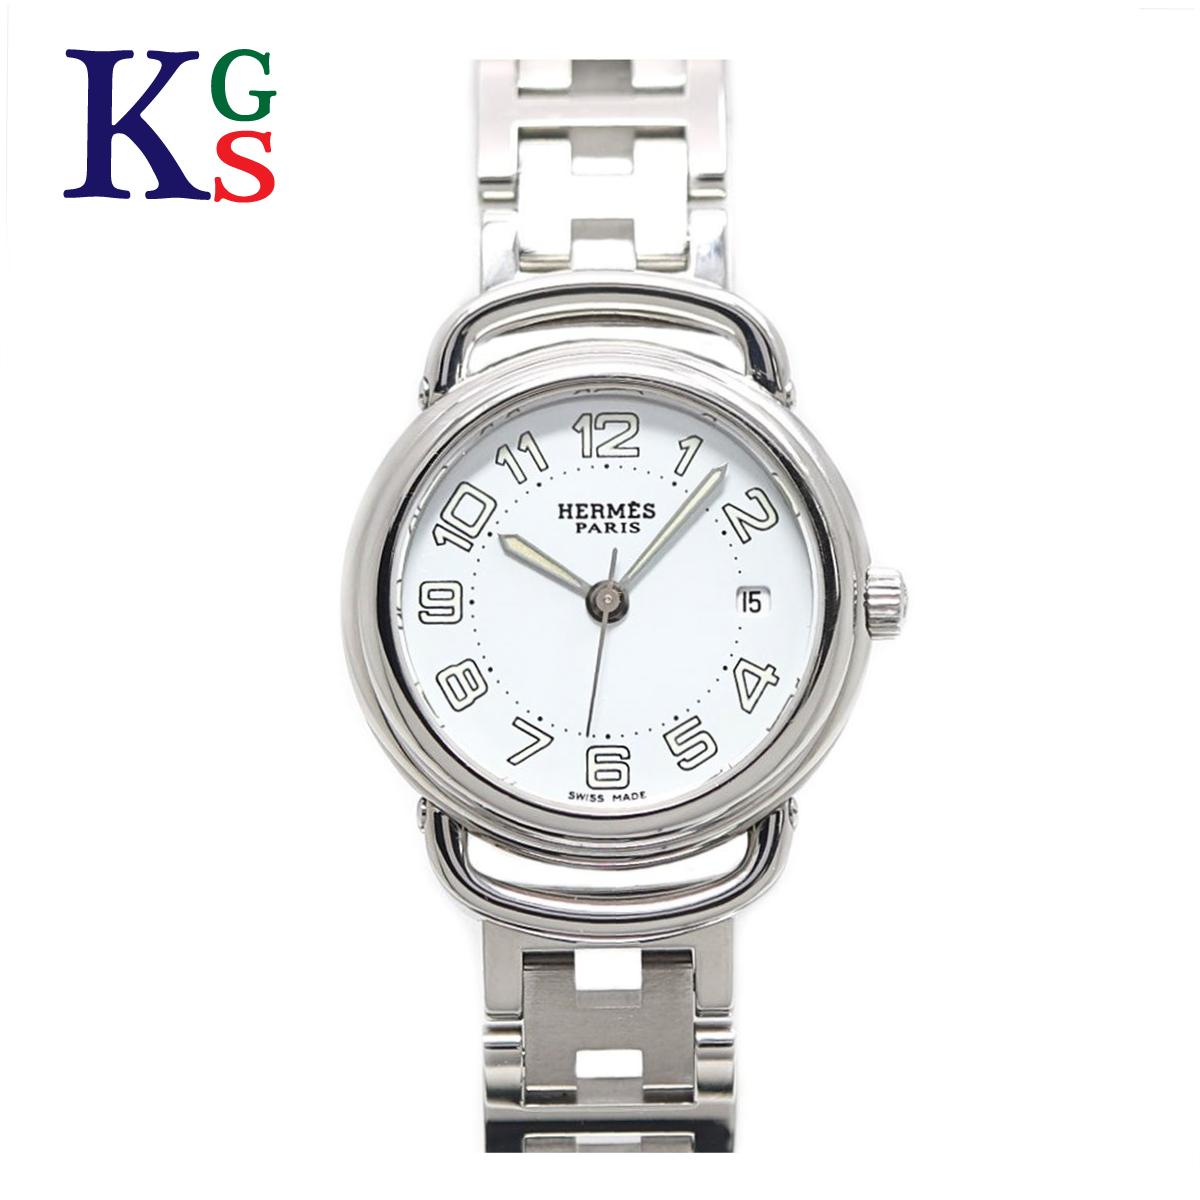 【ギフト品質】エルメス/HERMES レディース 腕時計 プルマン ホワイト文字盤 クオーツ 電池式 PU2.210